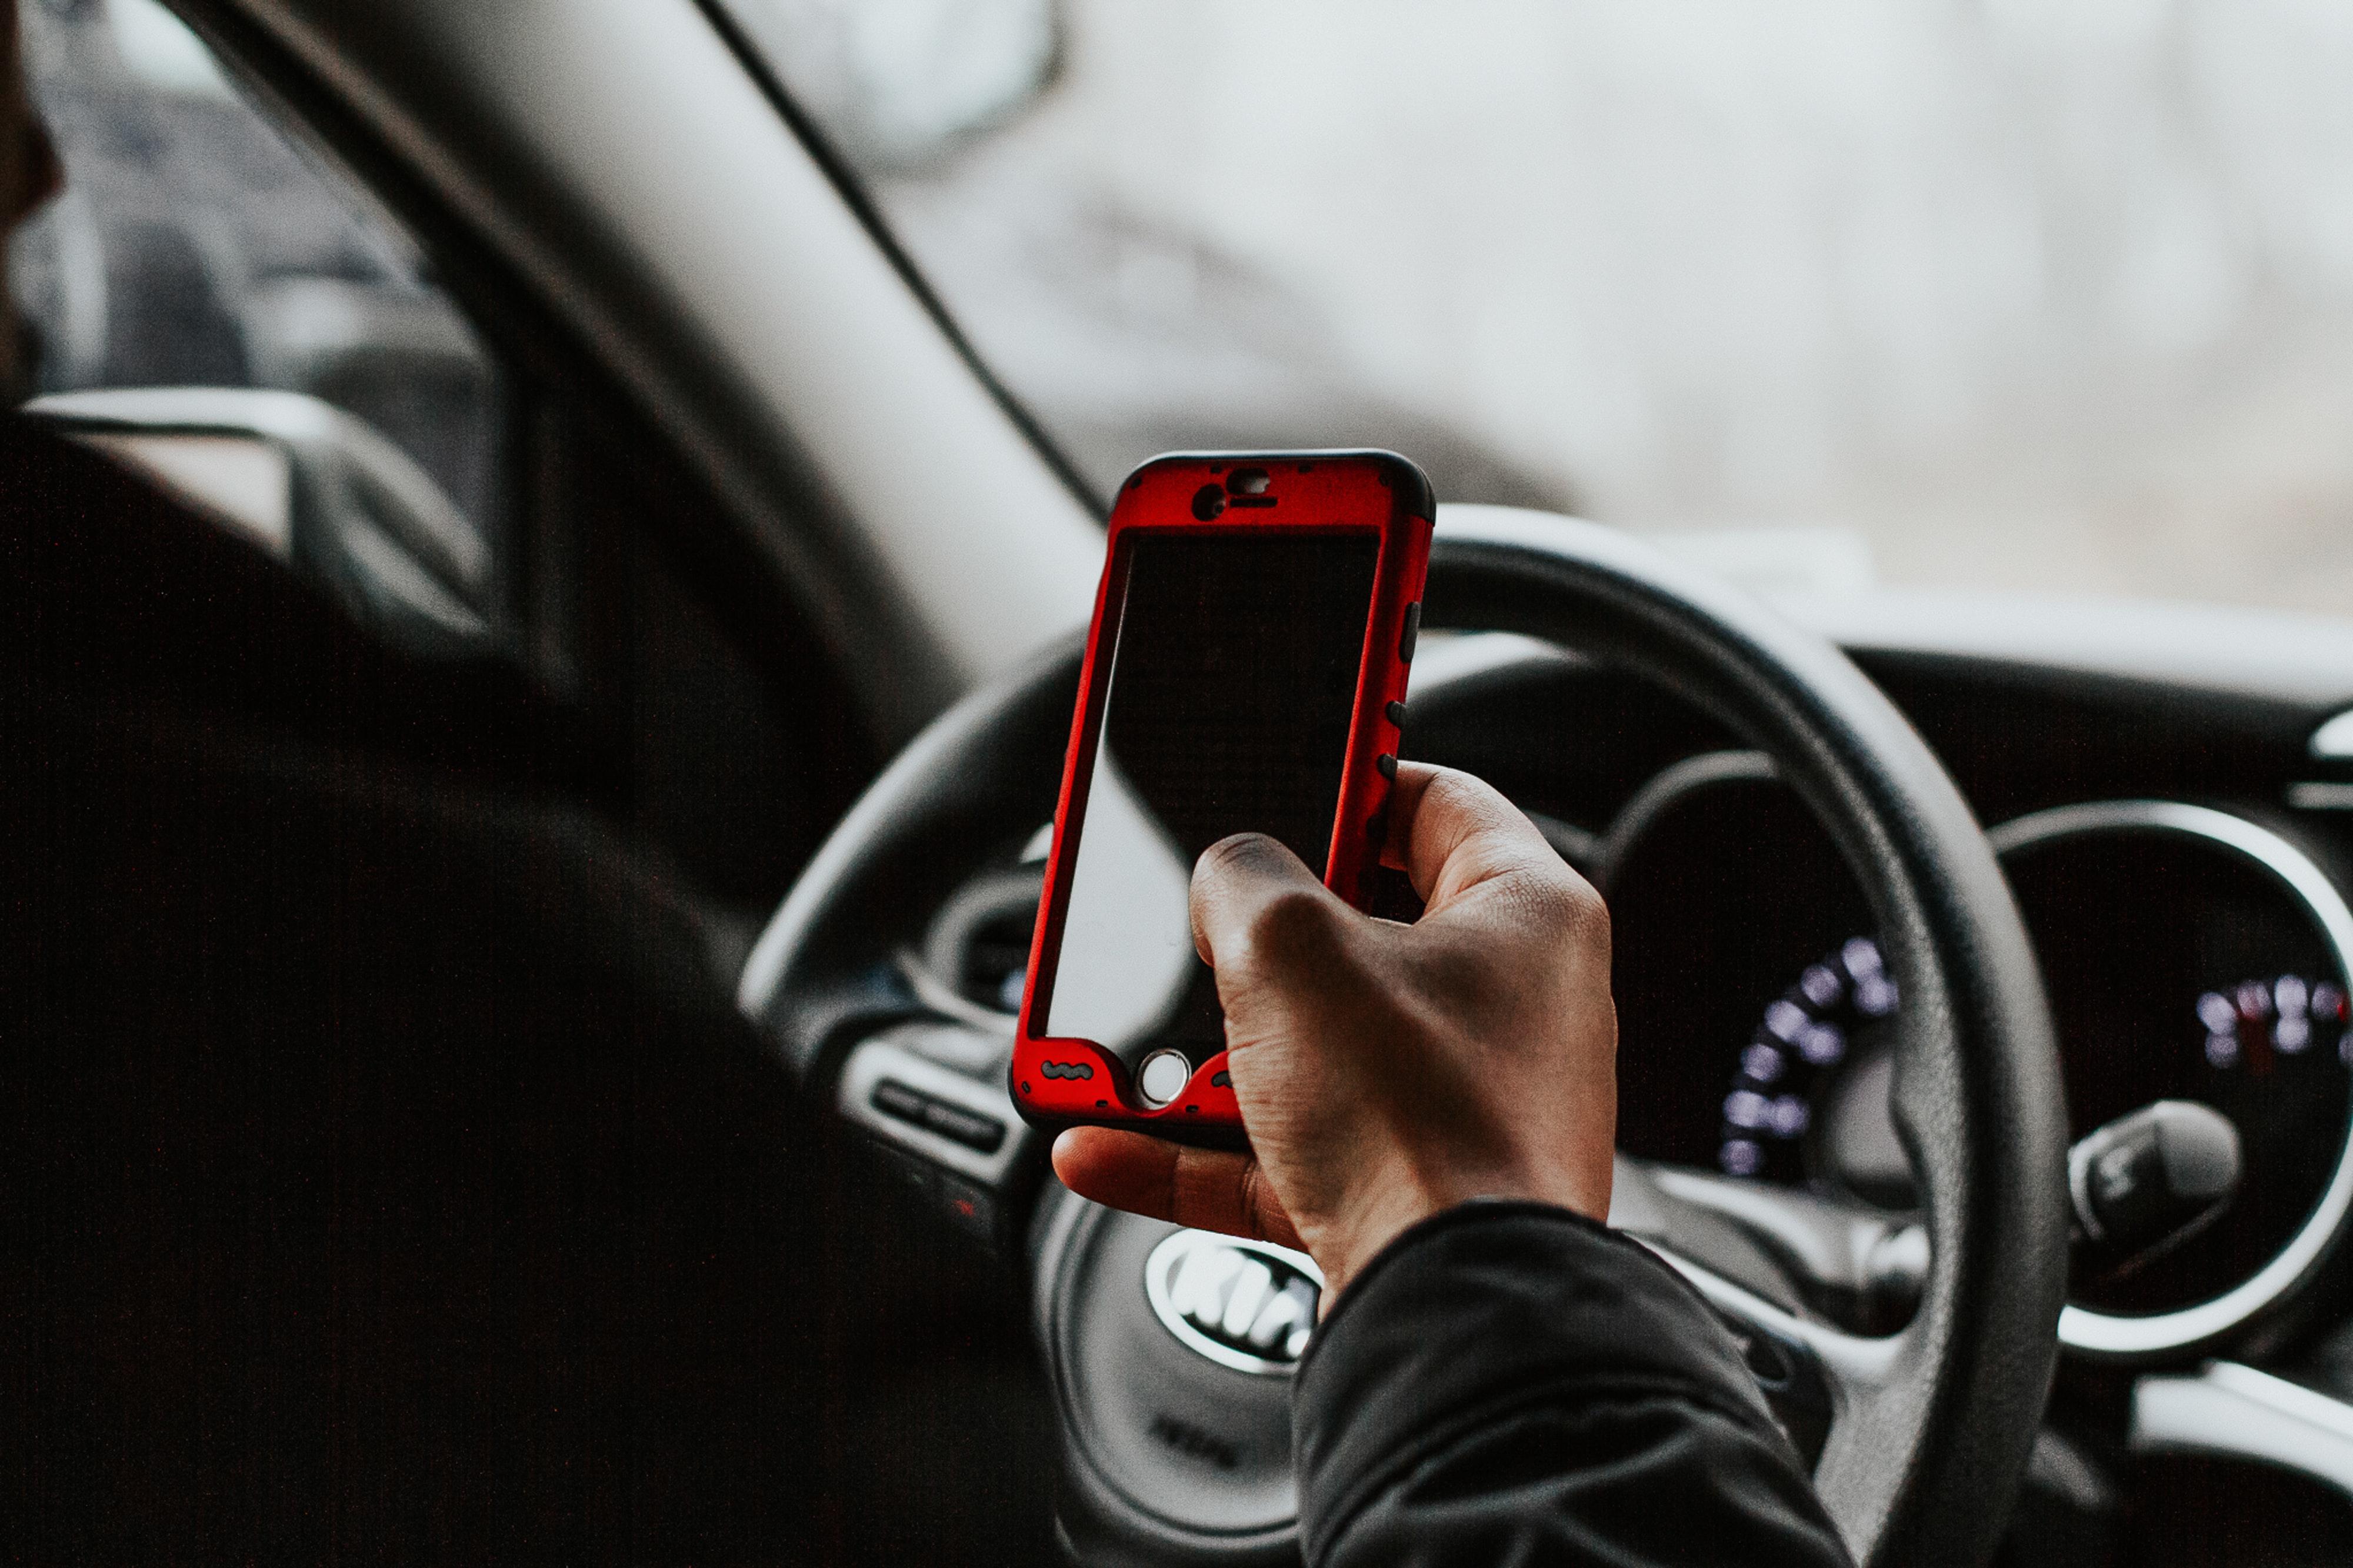 Phone, mobil, mobil bag rattet, telefon, mobilspil bag rattet. (Foto: Unsplash)